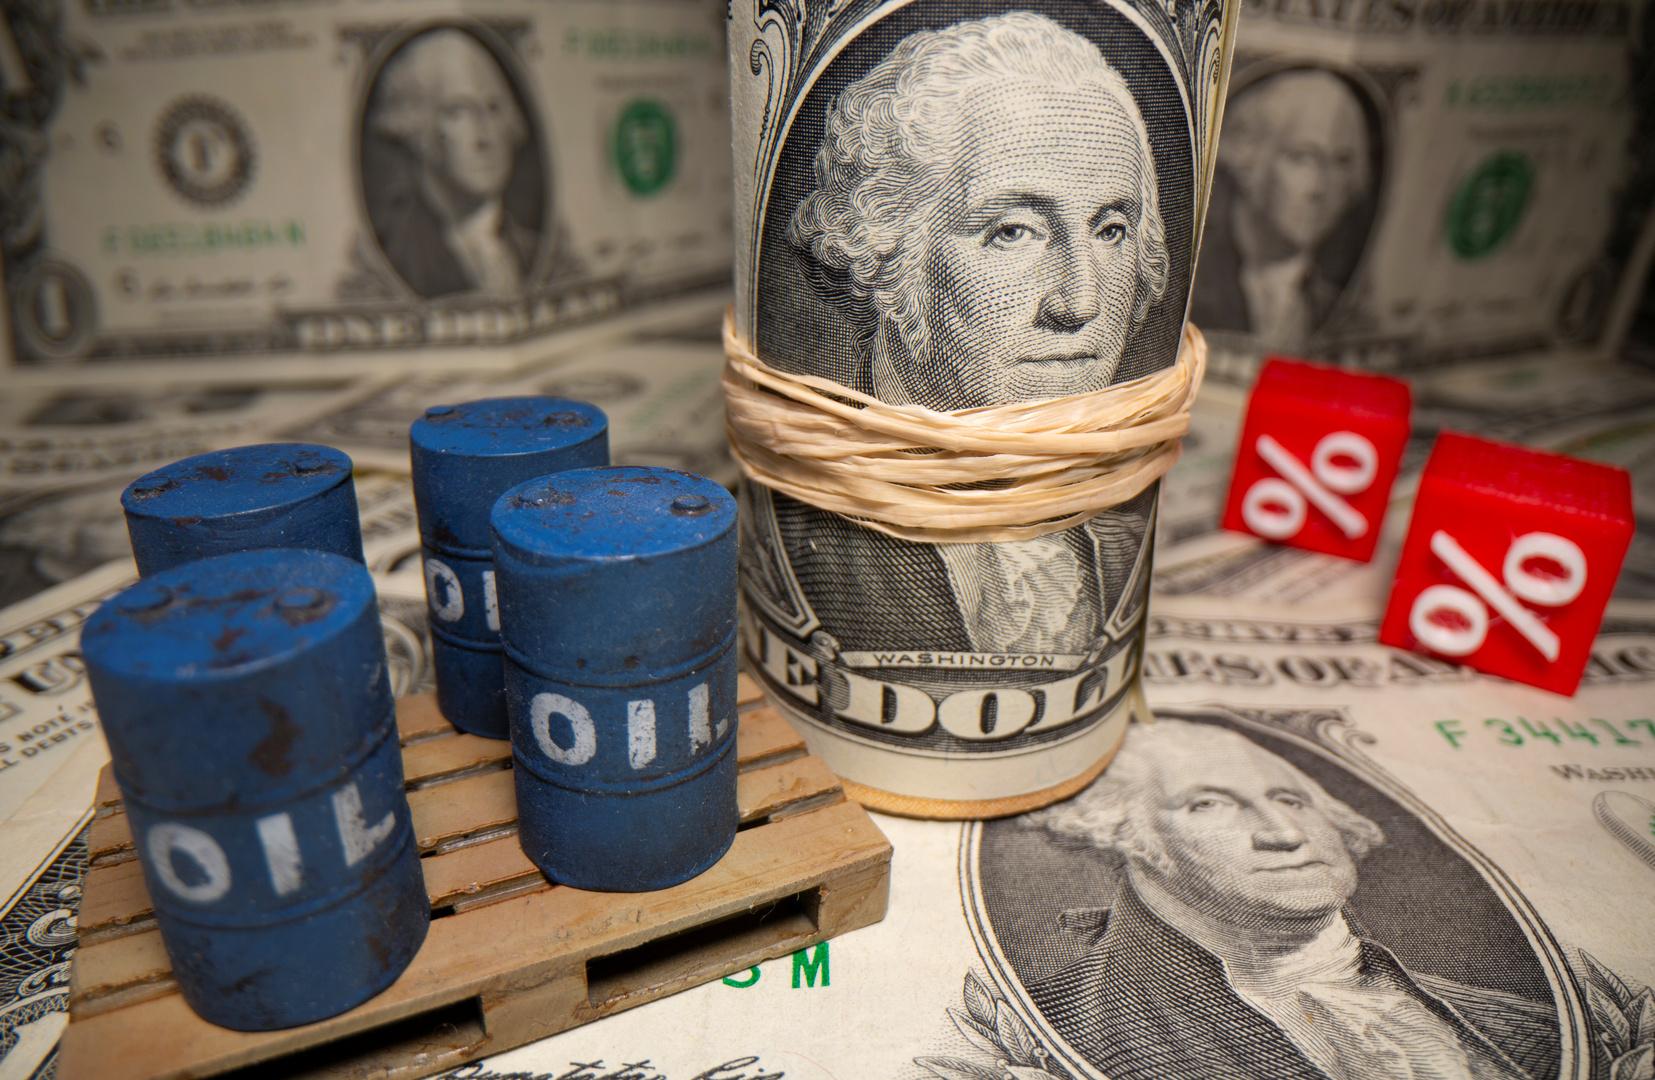 بنك استثمار أمريكي يكشف عن عاملين سيدعمان أسواق النفط في 2021